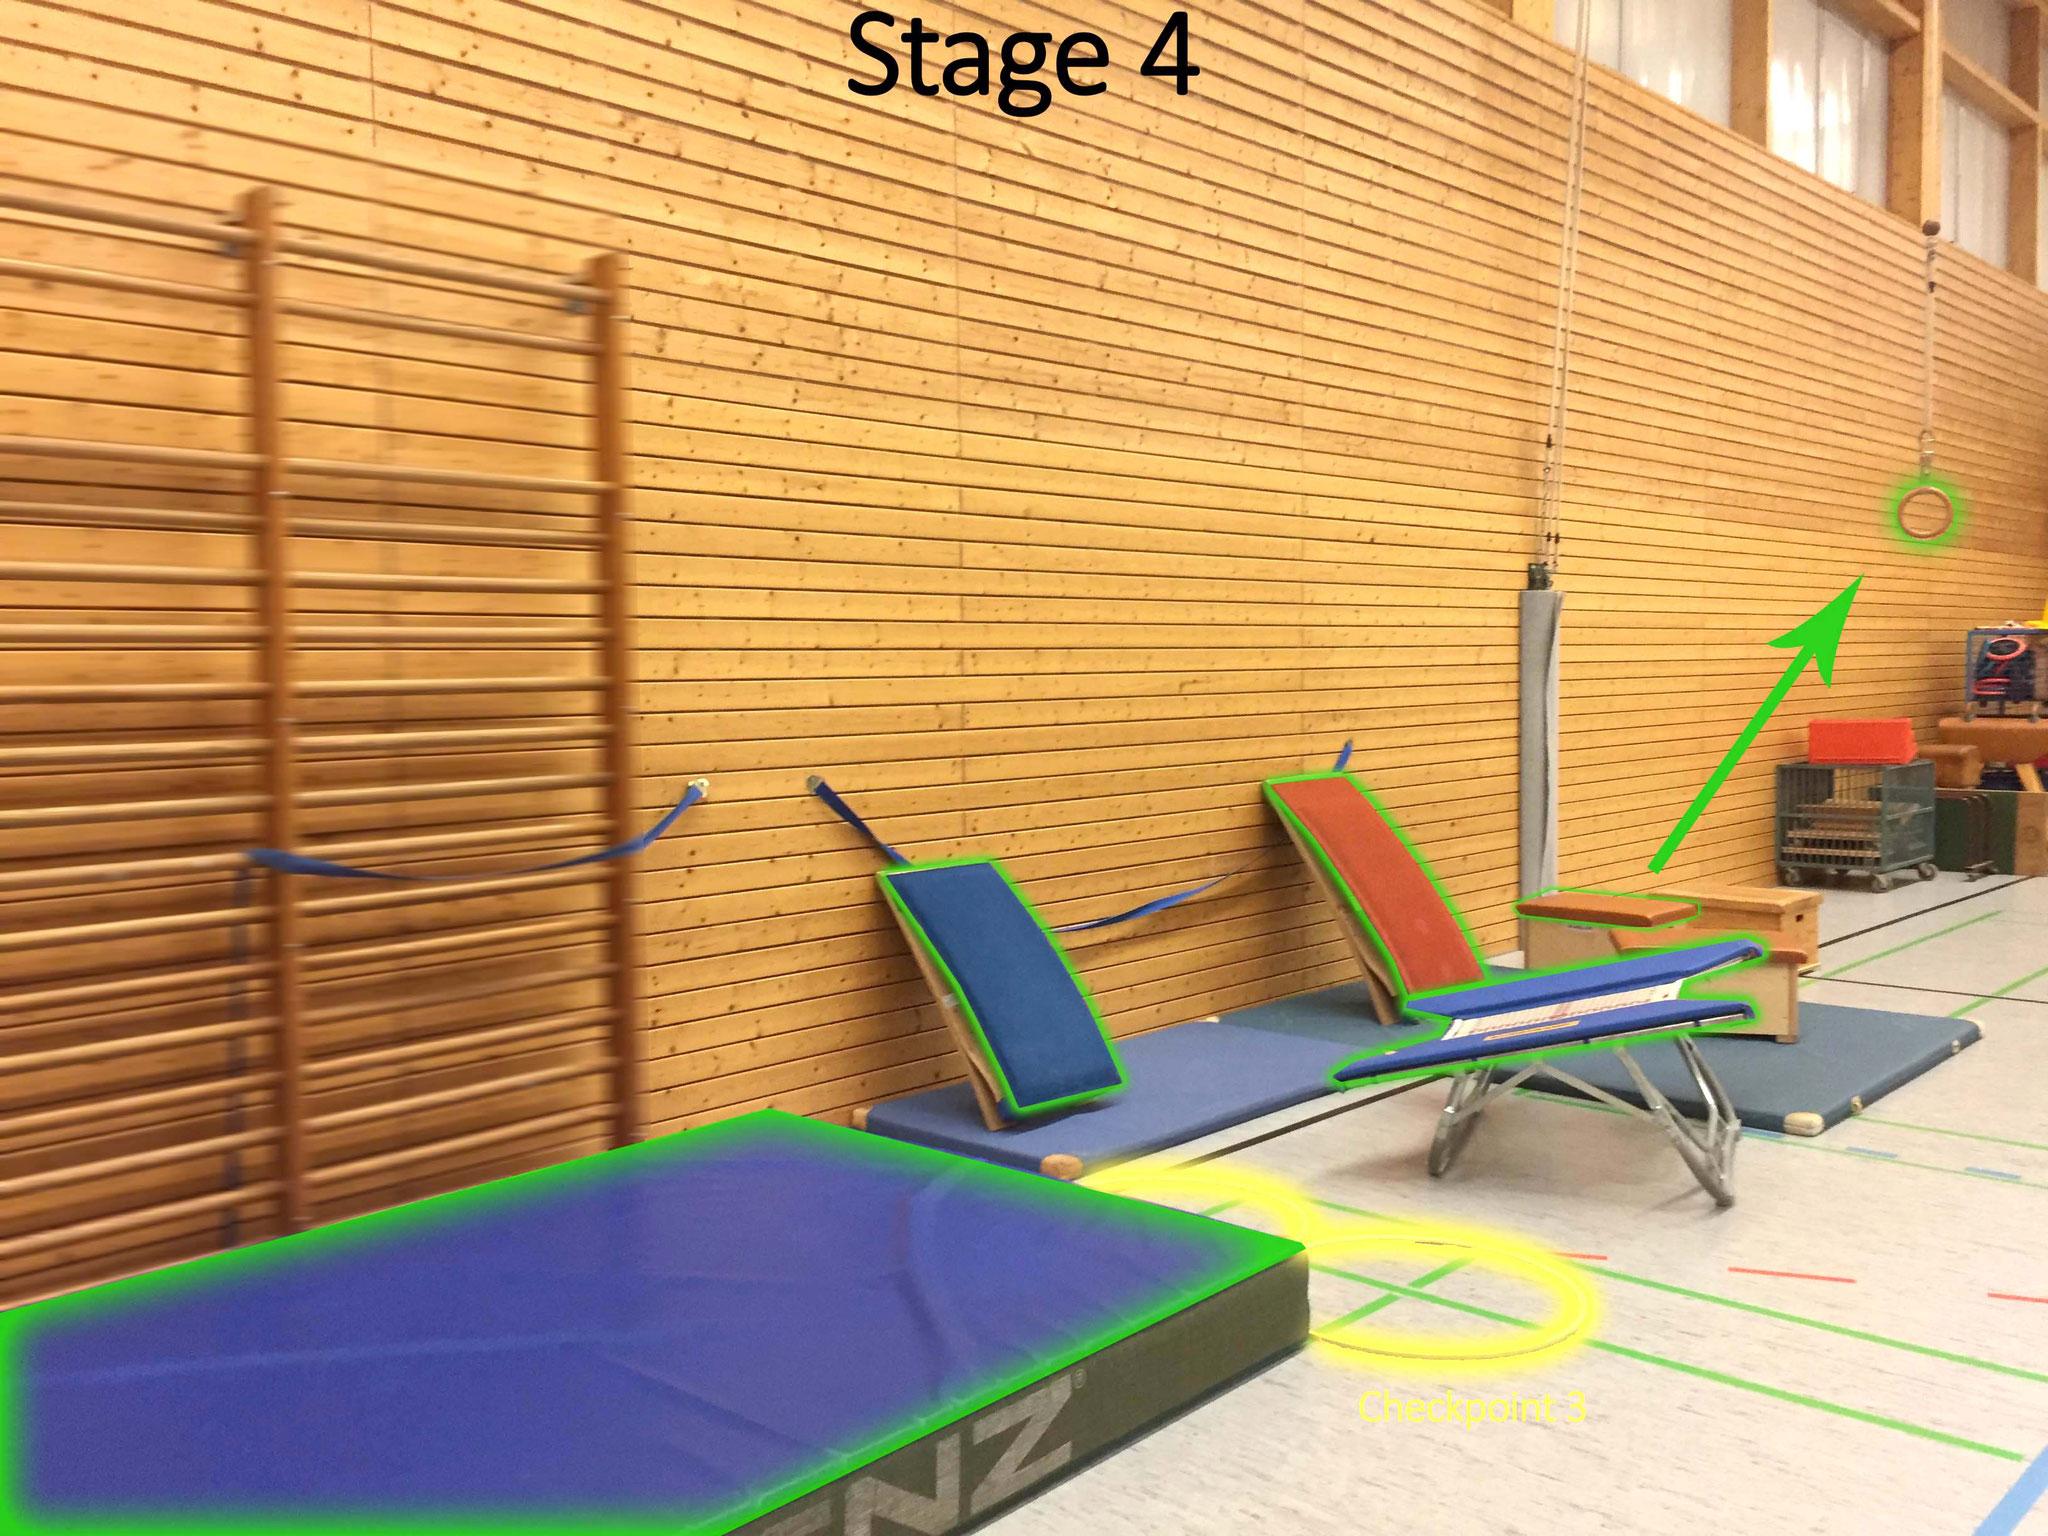 Hinter der dicken blauen Matte befindet sich Checkpoint 3. Von hier springst du von Objekt zu Objekt bis rüber zu dem kleinen Kasten.